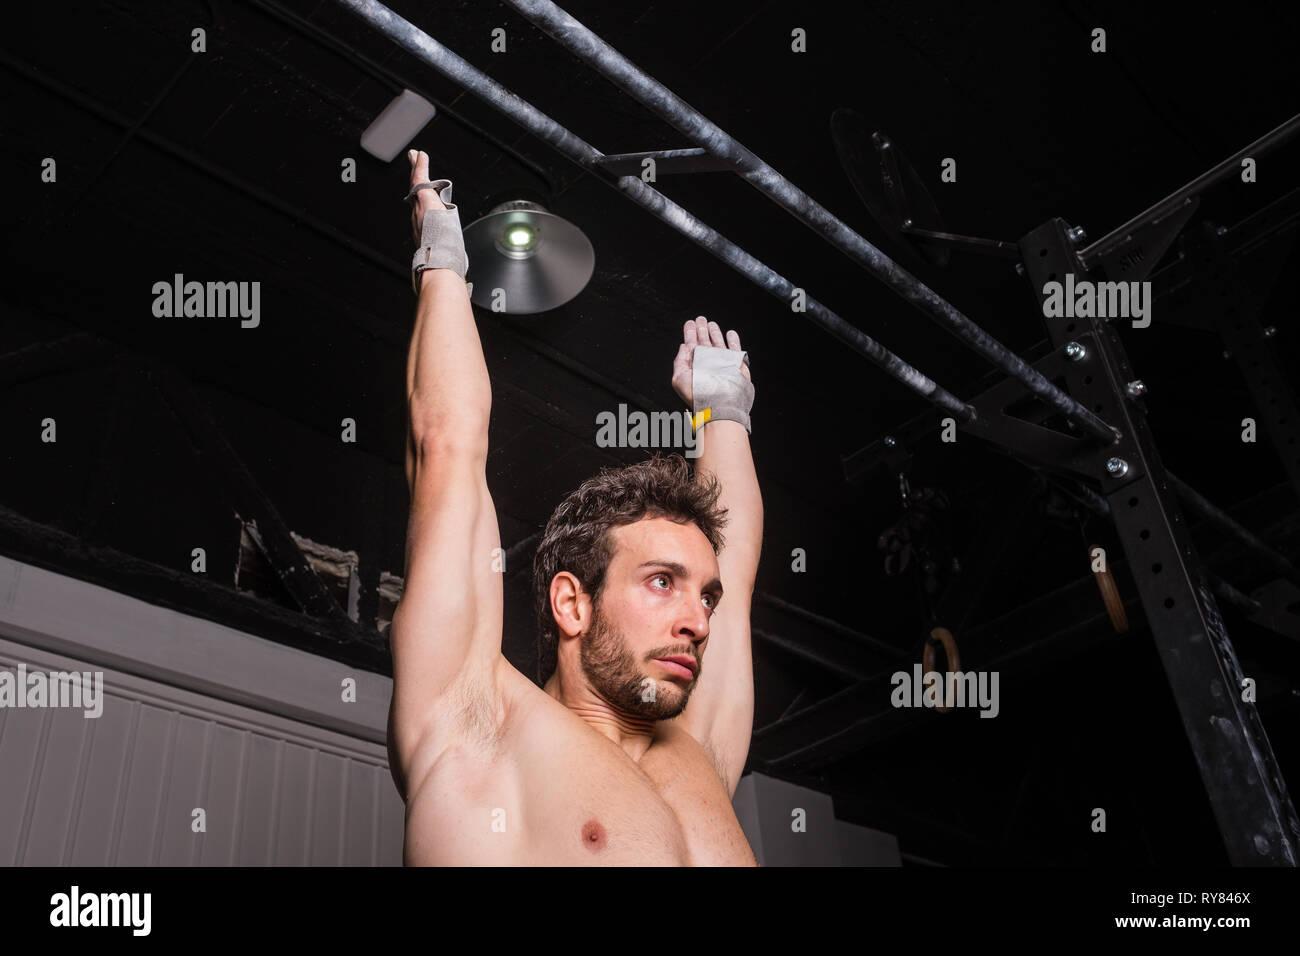 Athletischen jungen shirtless Kerl an der Bar in der Nähe der Wall in der Turnhalle Stockbild